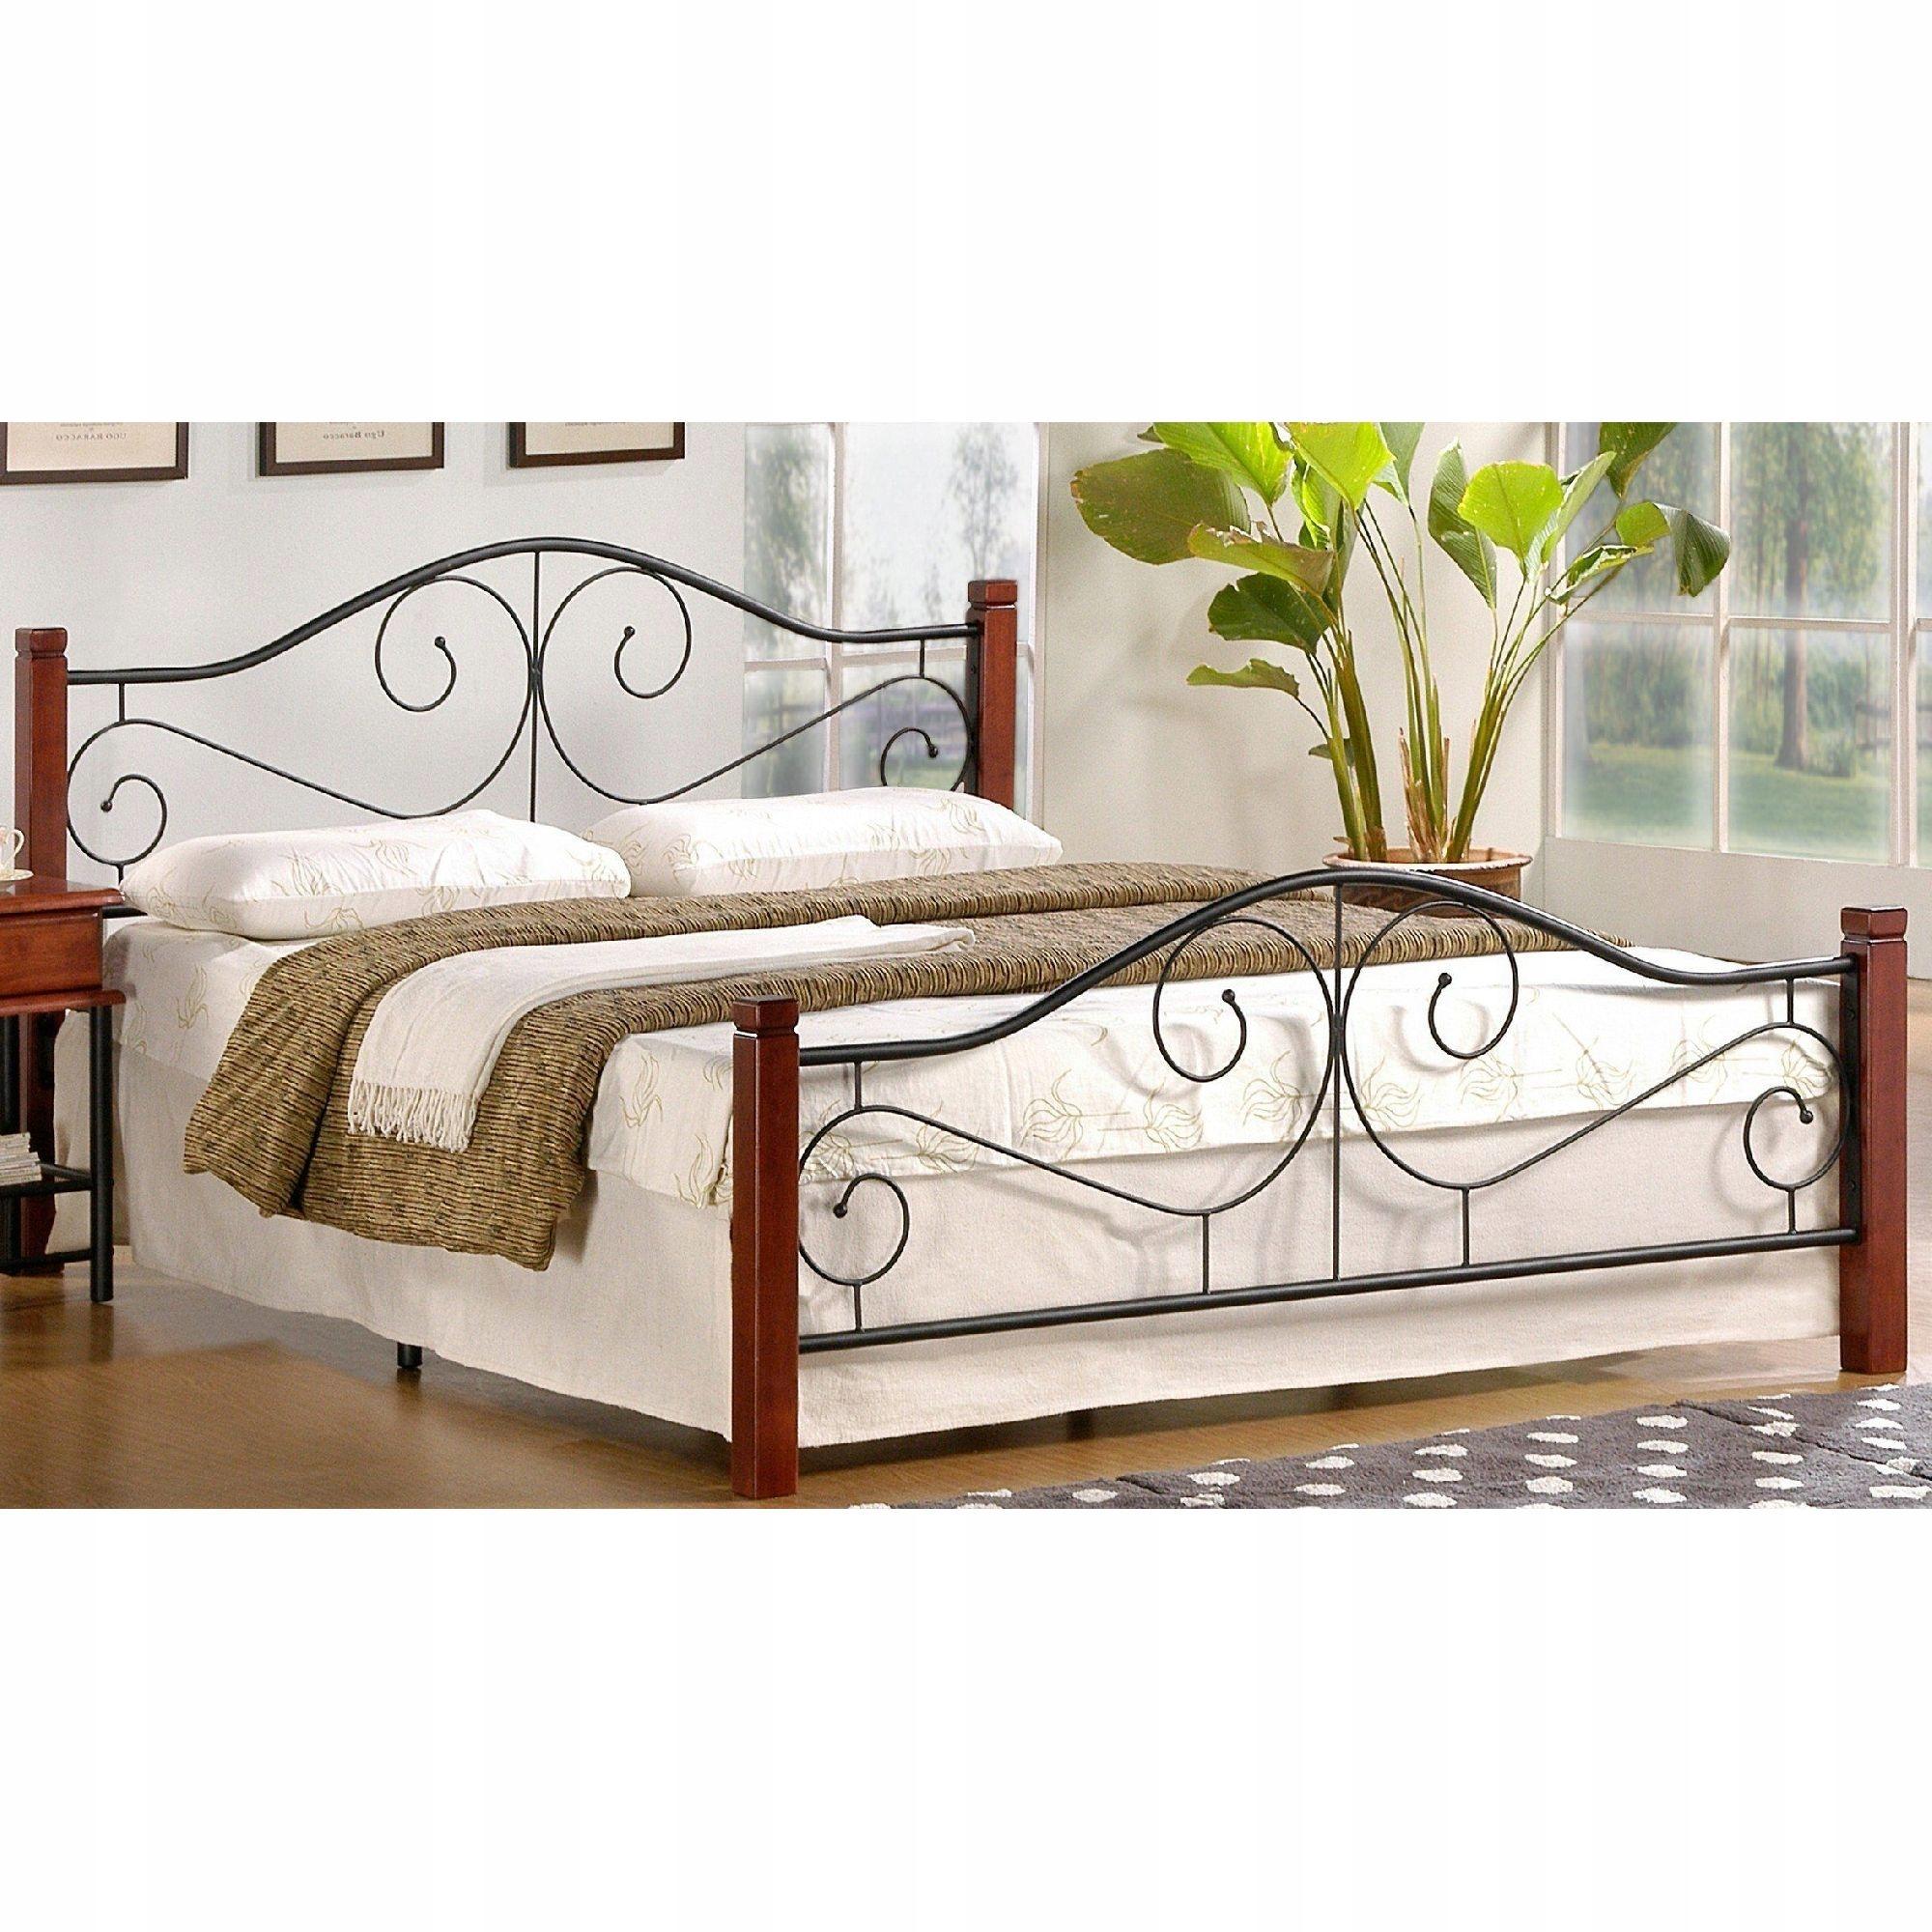 Retro posteľ 160 x 200 FIALOVÁ Drevo / Kov